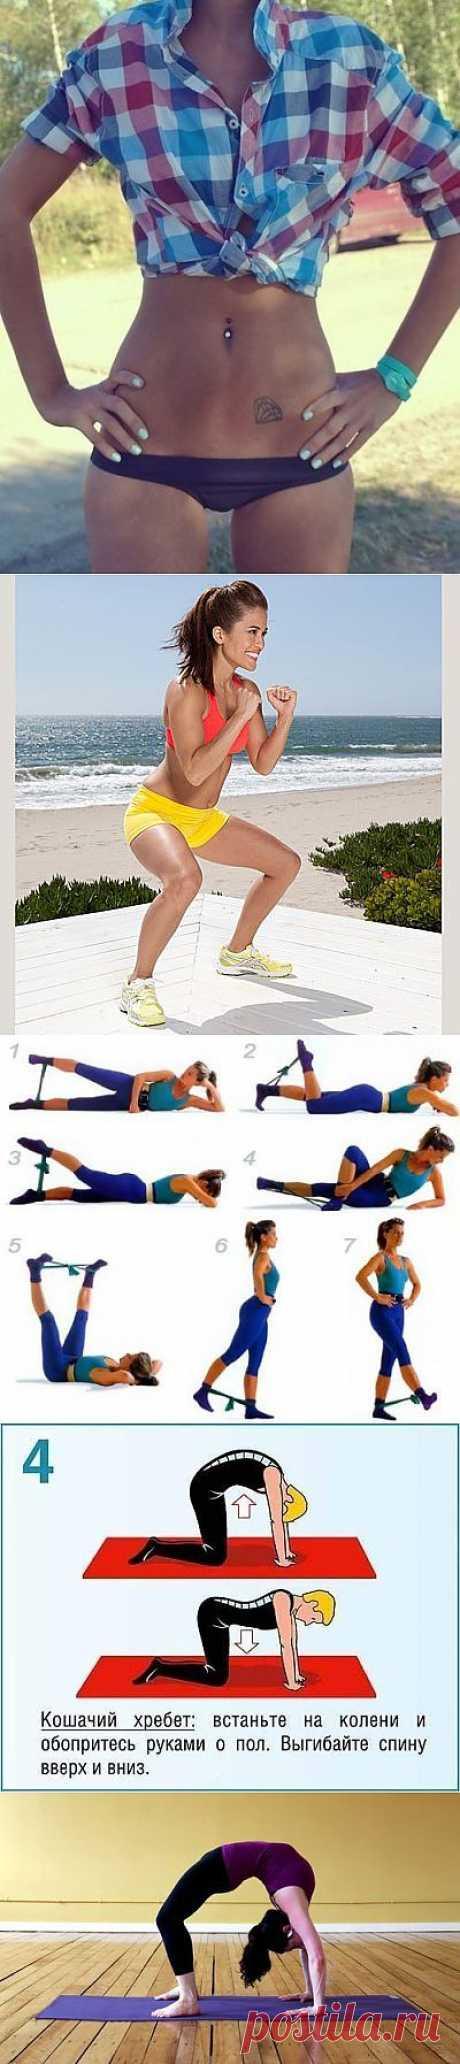 Упражнения для фигуры | Записи в рубрике Упражнения для фигуры | Дневник Mellodika